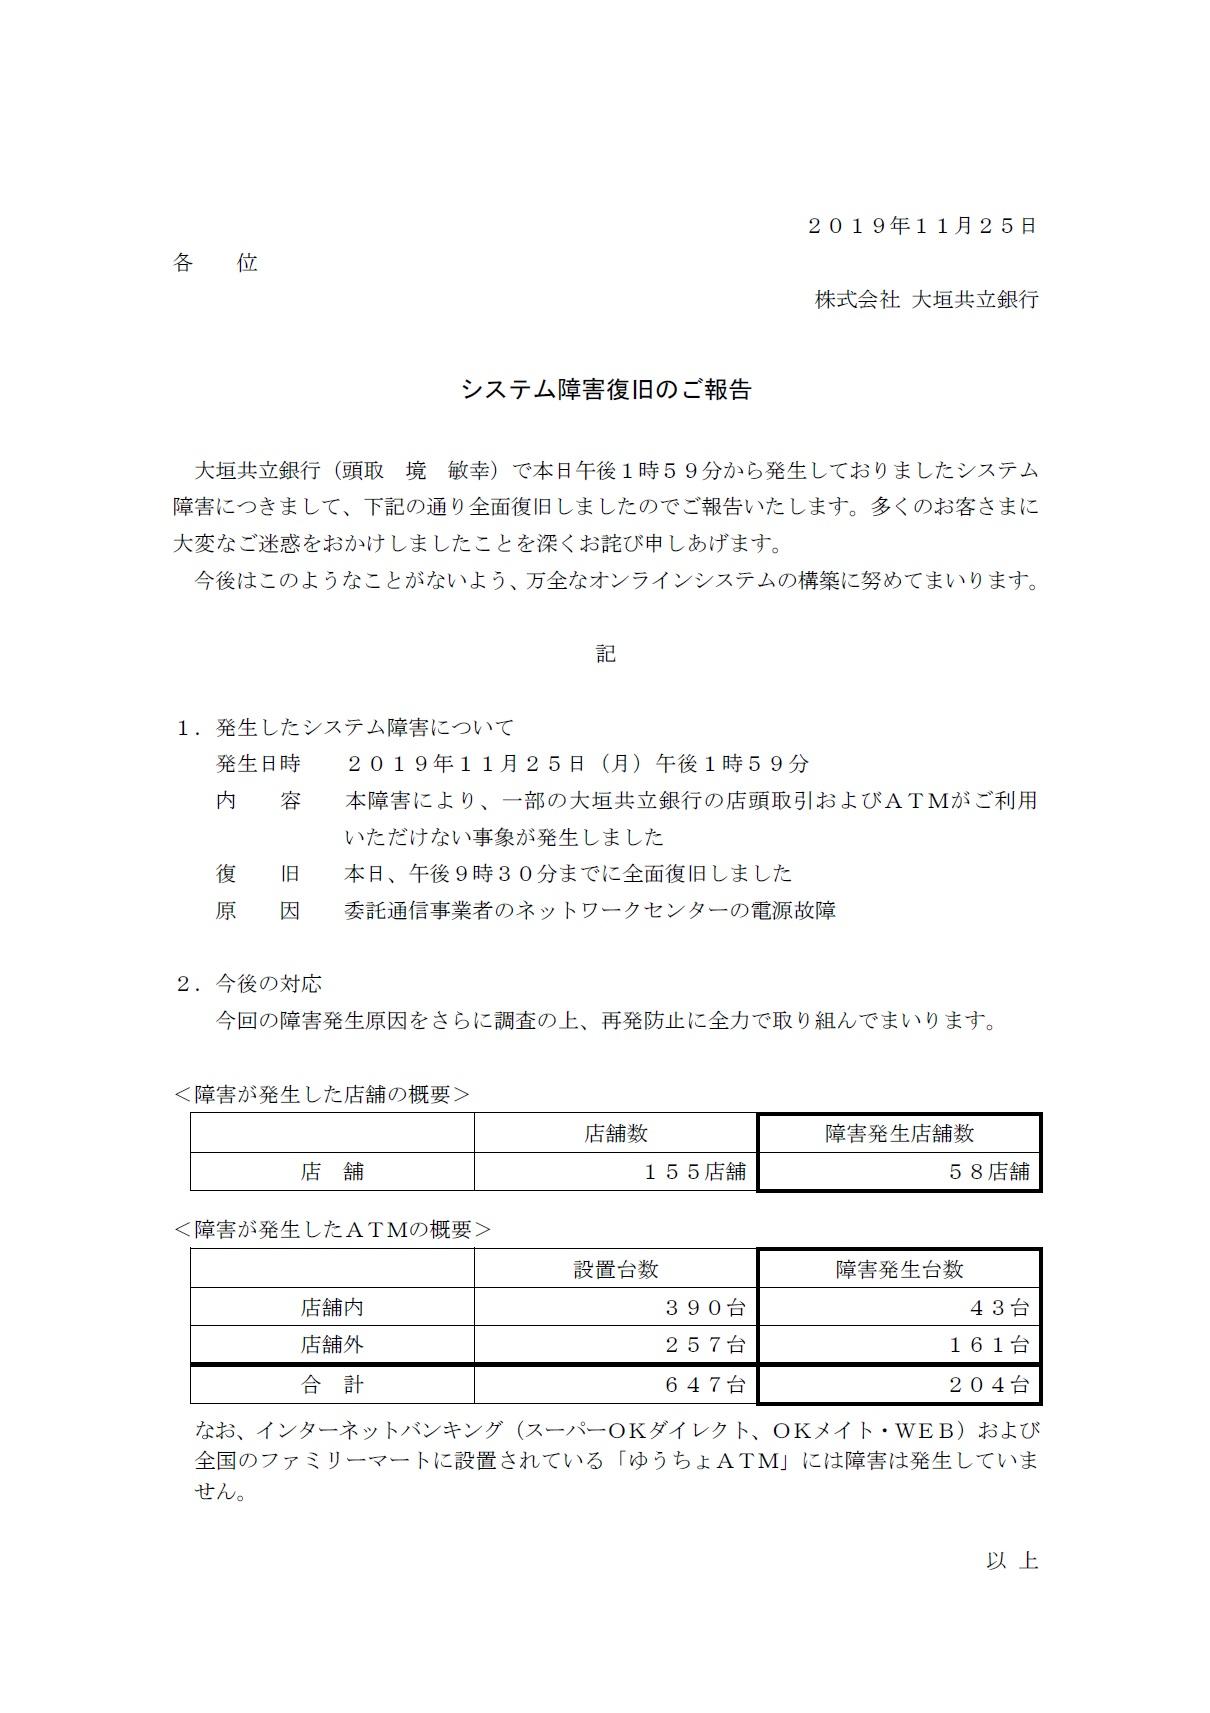 システム障害復旧のご報告 | アーカイブ | 大垣共立銀行